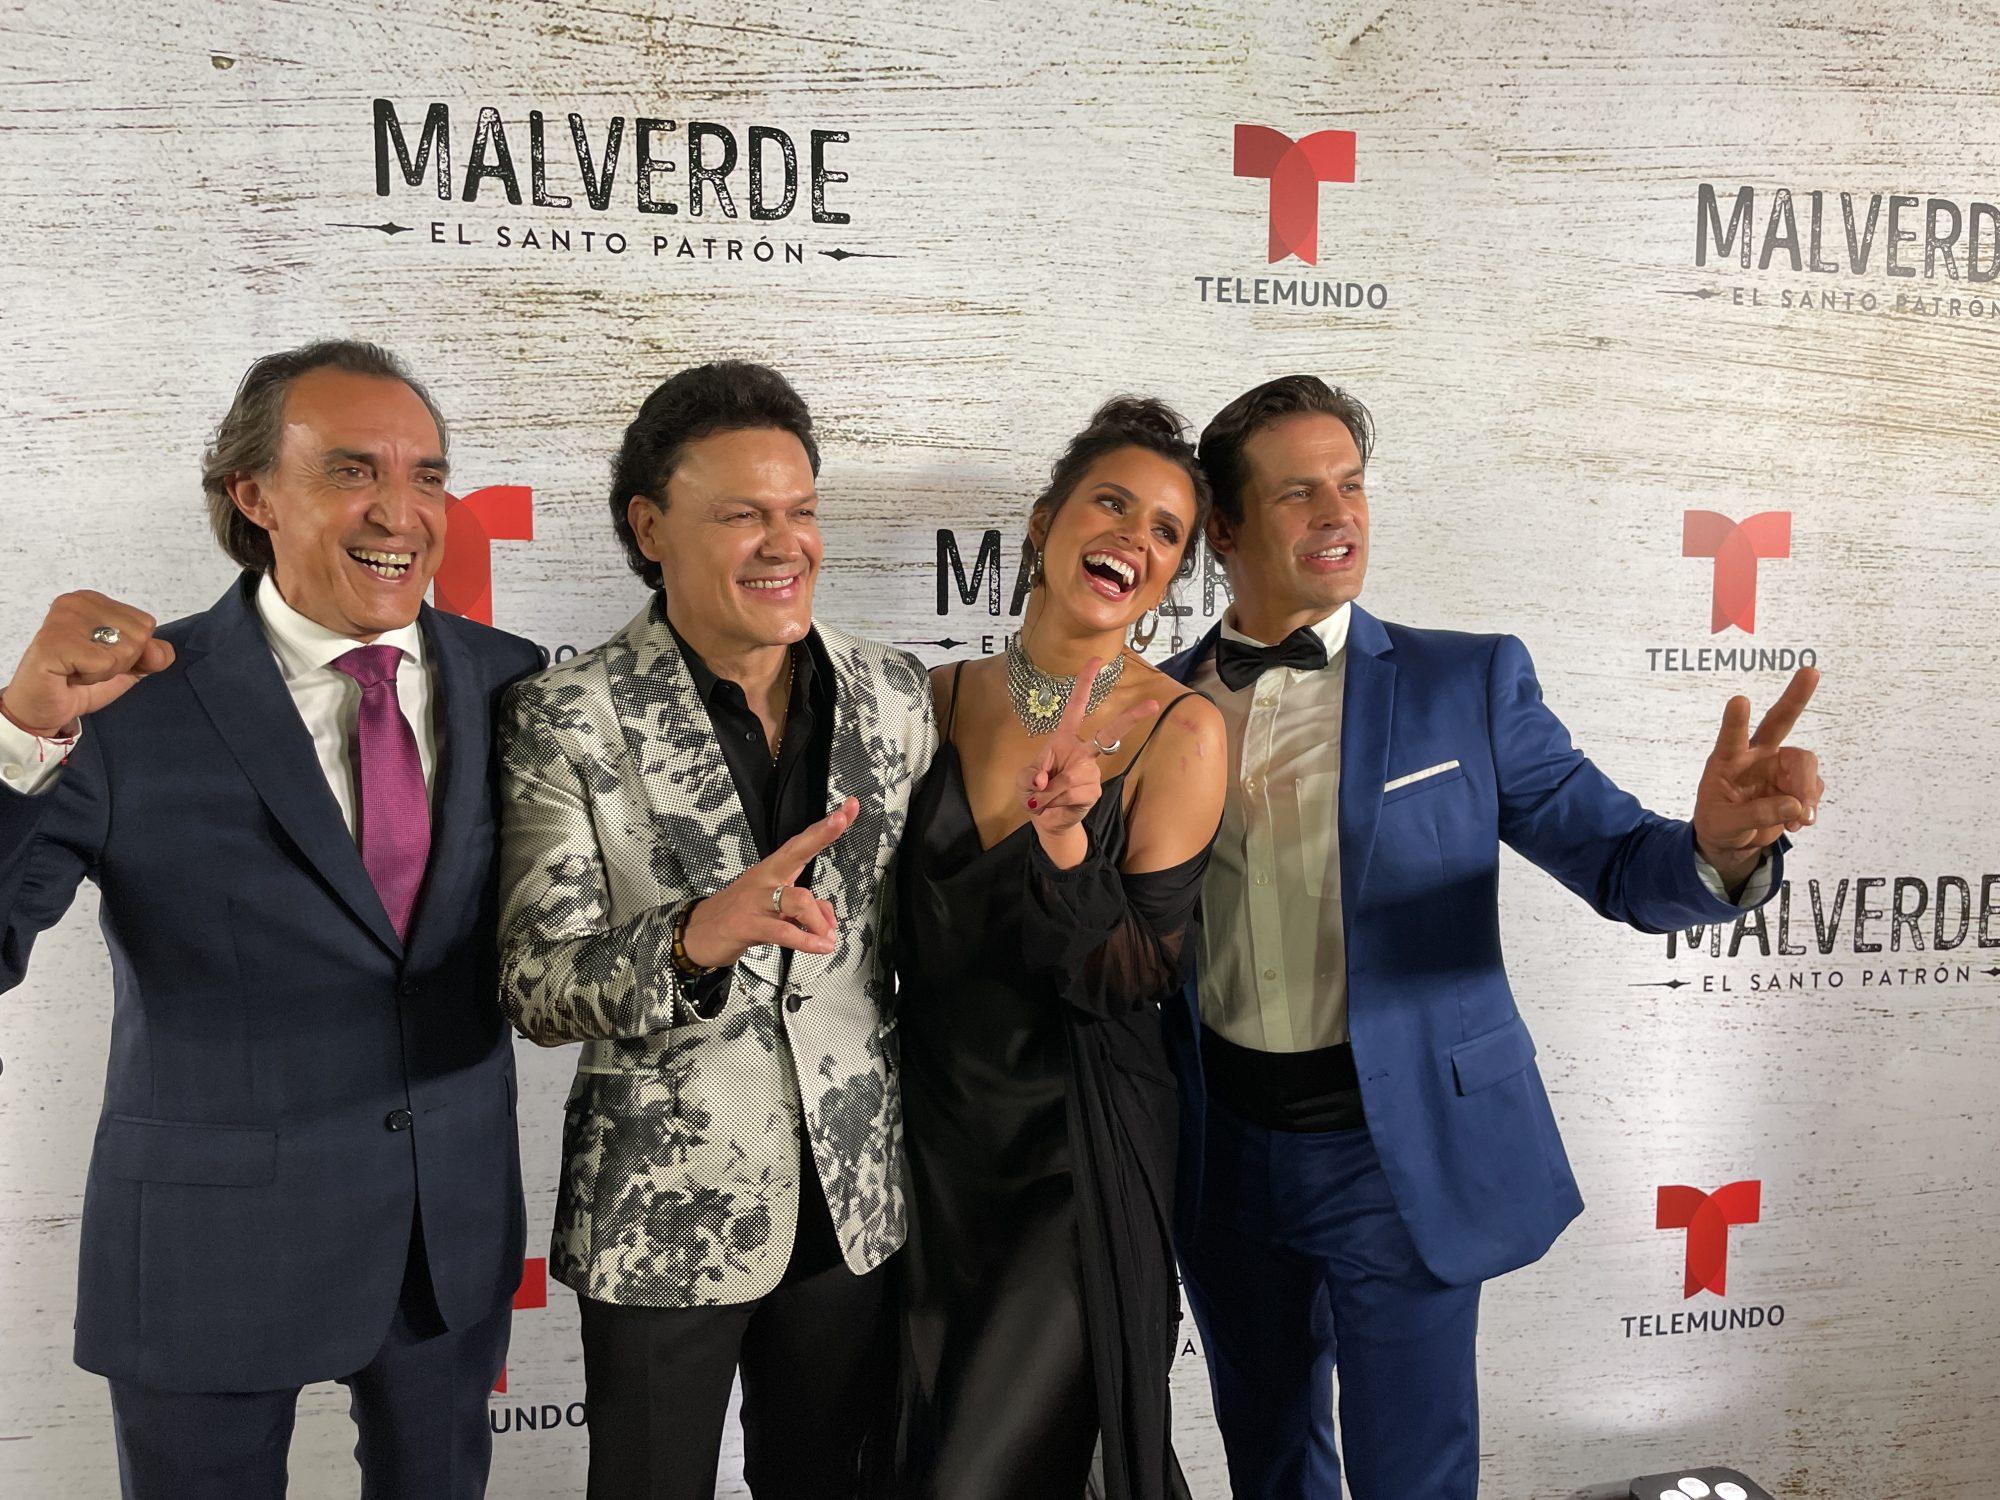 """Pedro Fernández, Isabella Castillo, Mark Tacher y Luis Felipe Tovar en la alfombra y premier en Los Angeles de la telenovela """"Malverde: El Santo Patrón"""" (Telemundo)"""